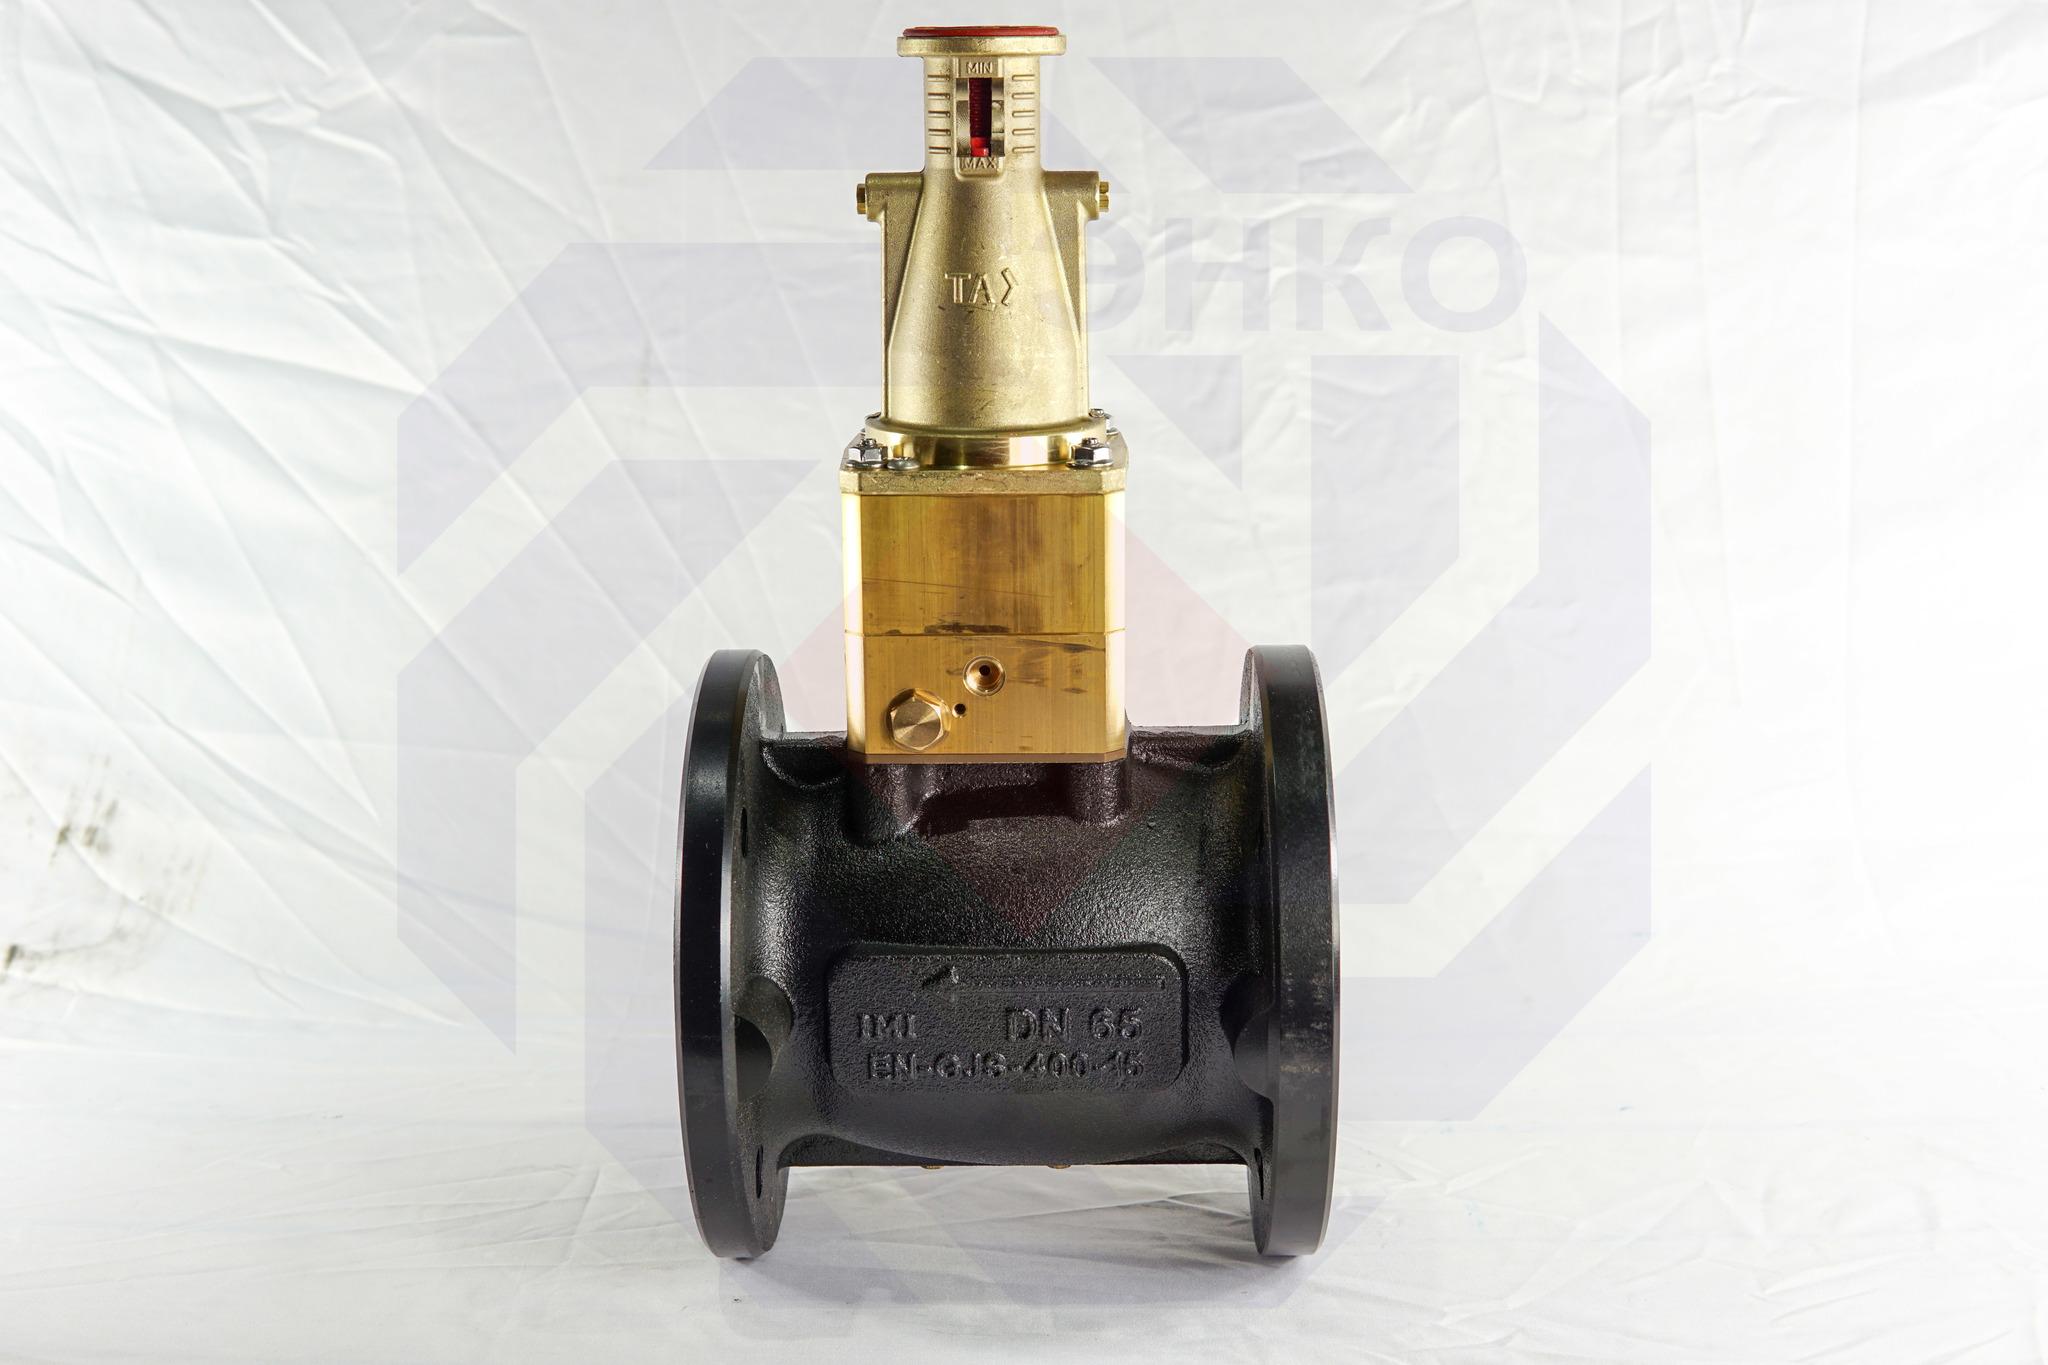 Регулятор перепада давления с изменяемой настройкой IMI TA-PILOT-R DN 65